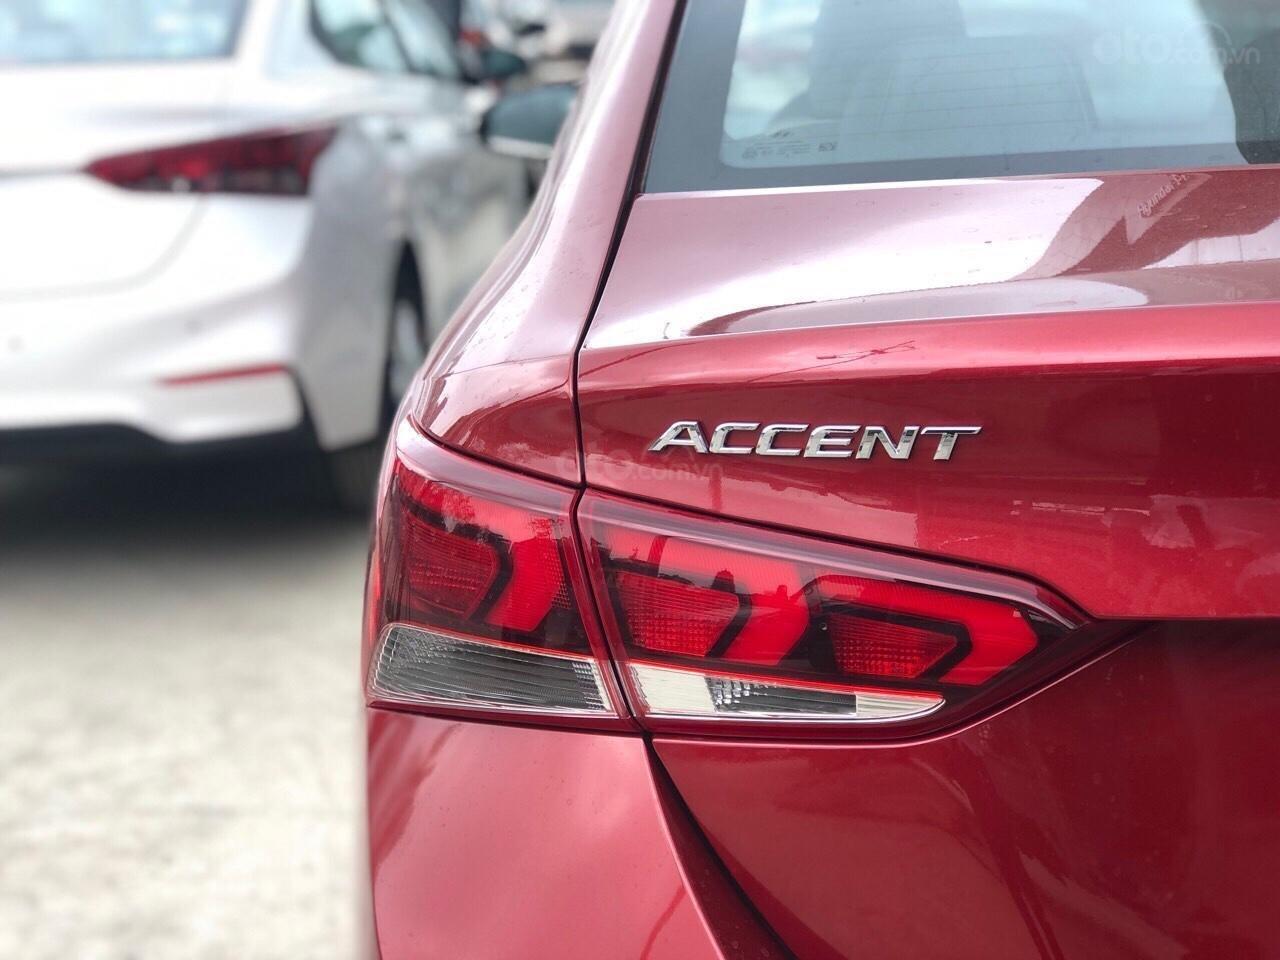 Hyundai Accent năm 2020, sẵn xe đủ màu giao ngay các bản - trả góp lên đến 85% giá trị xe - mua xe giá tốt nhất tại đây (13)